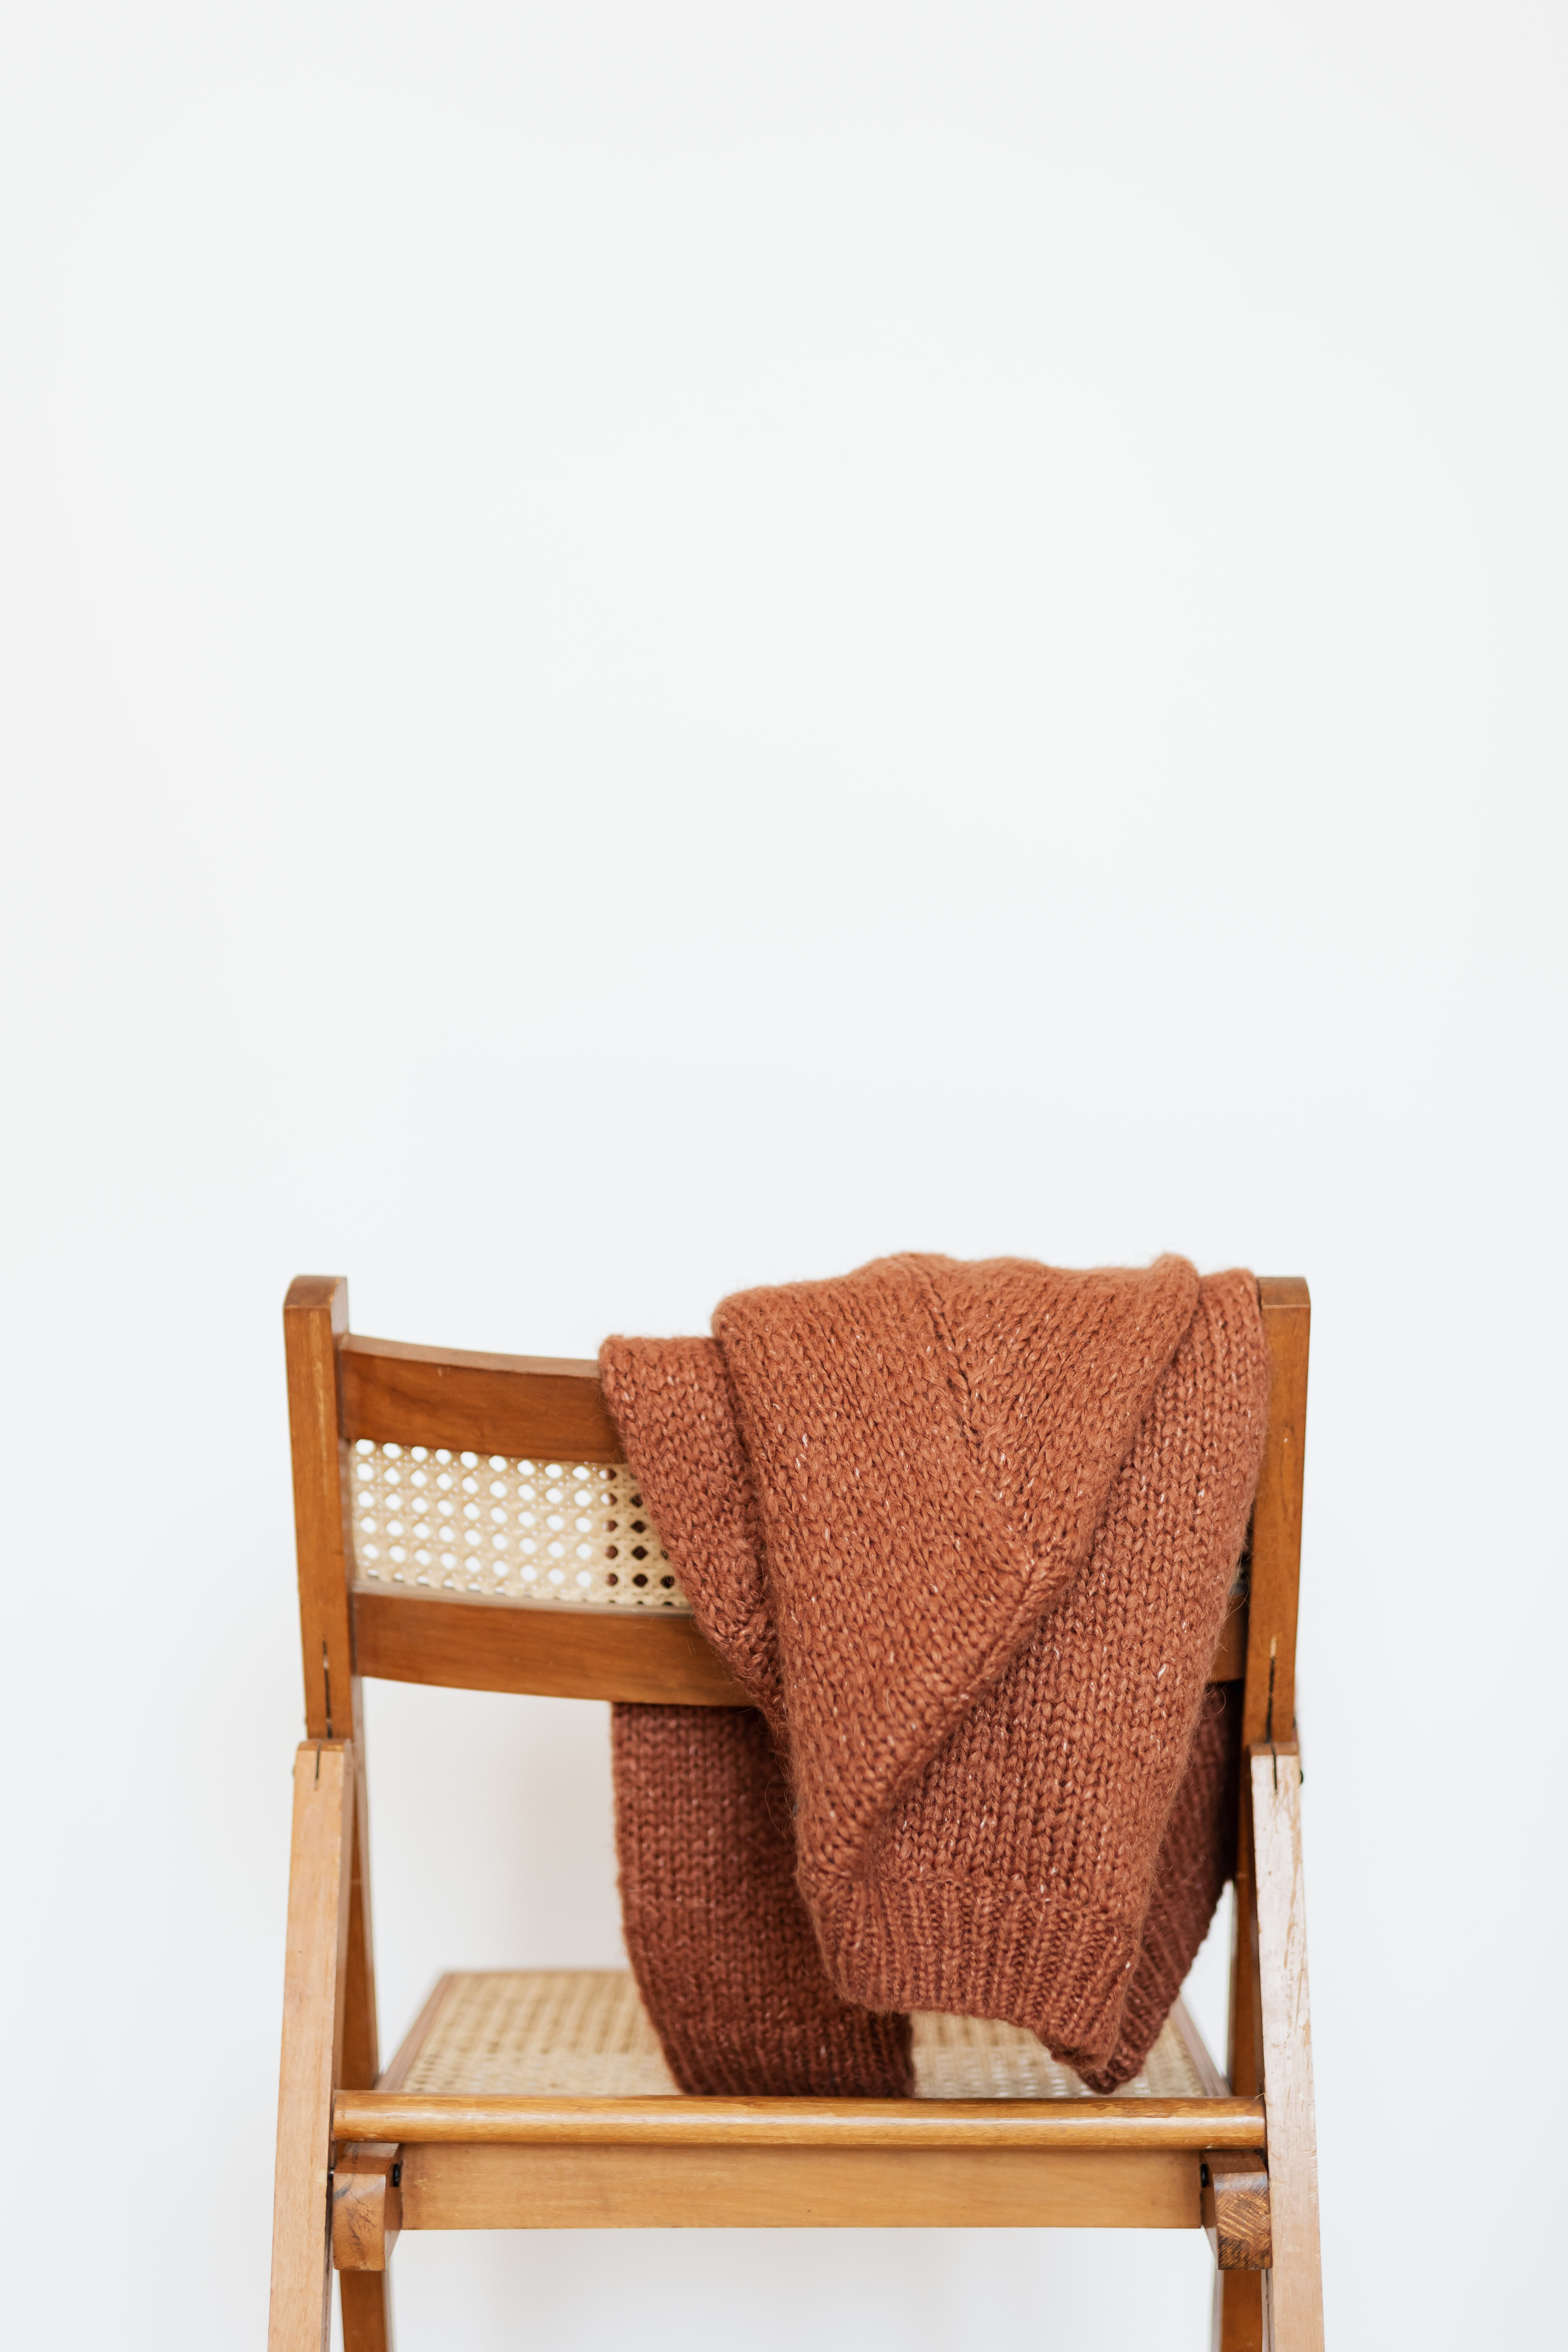 Jersey de lana sobre una silla de madera en una pared blanca